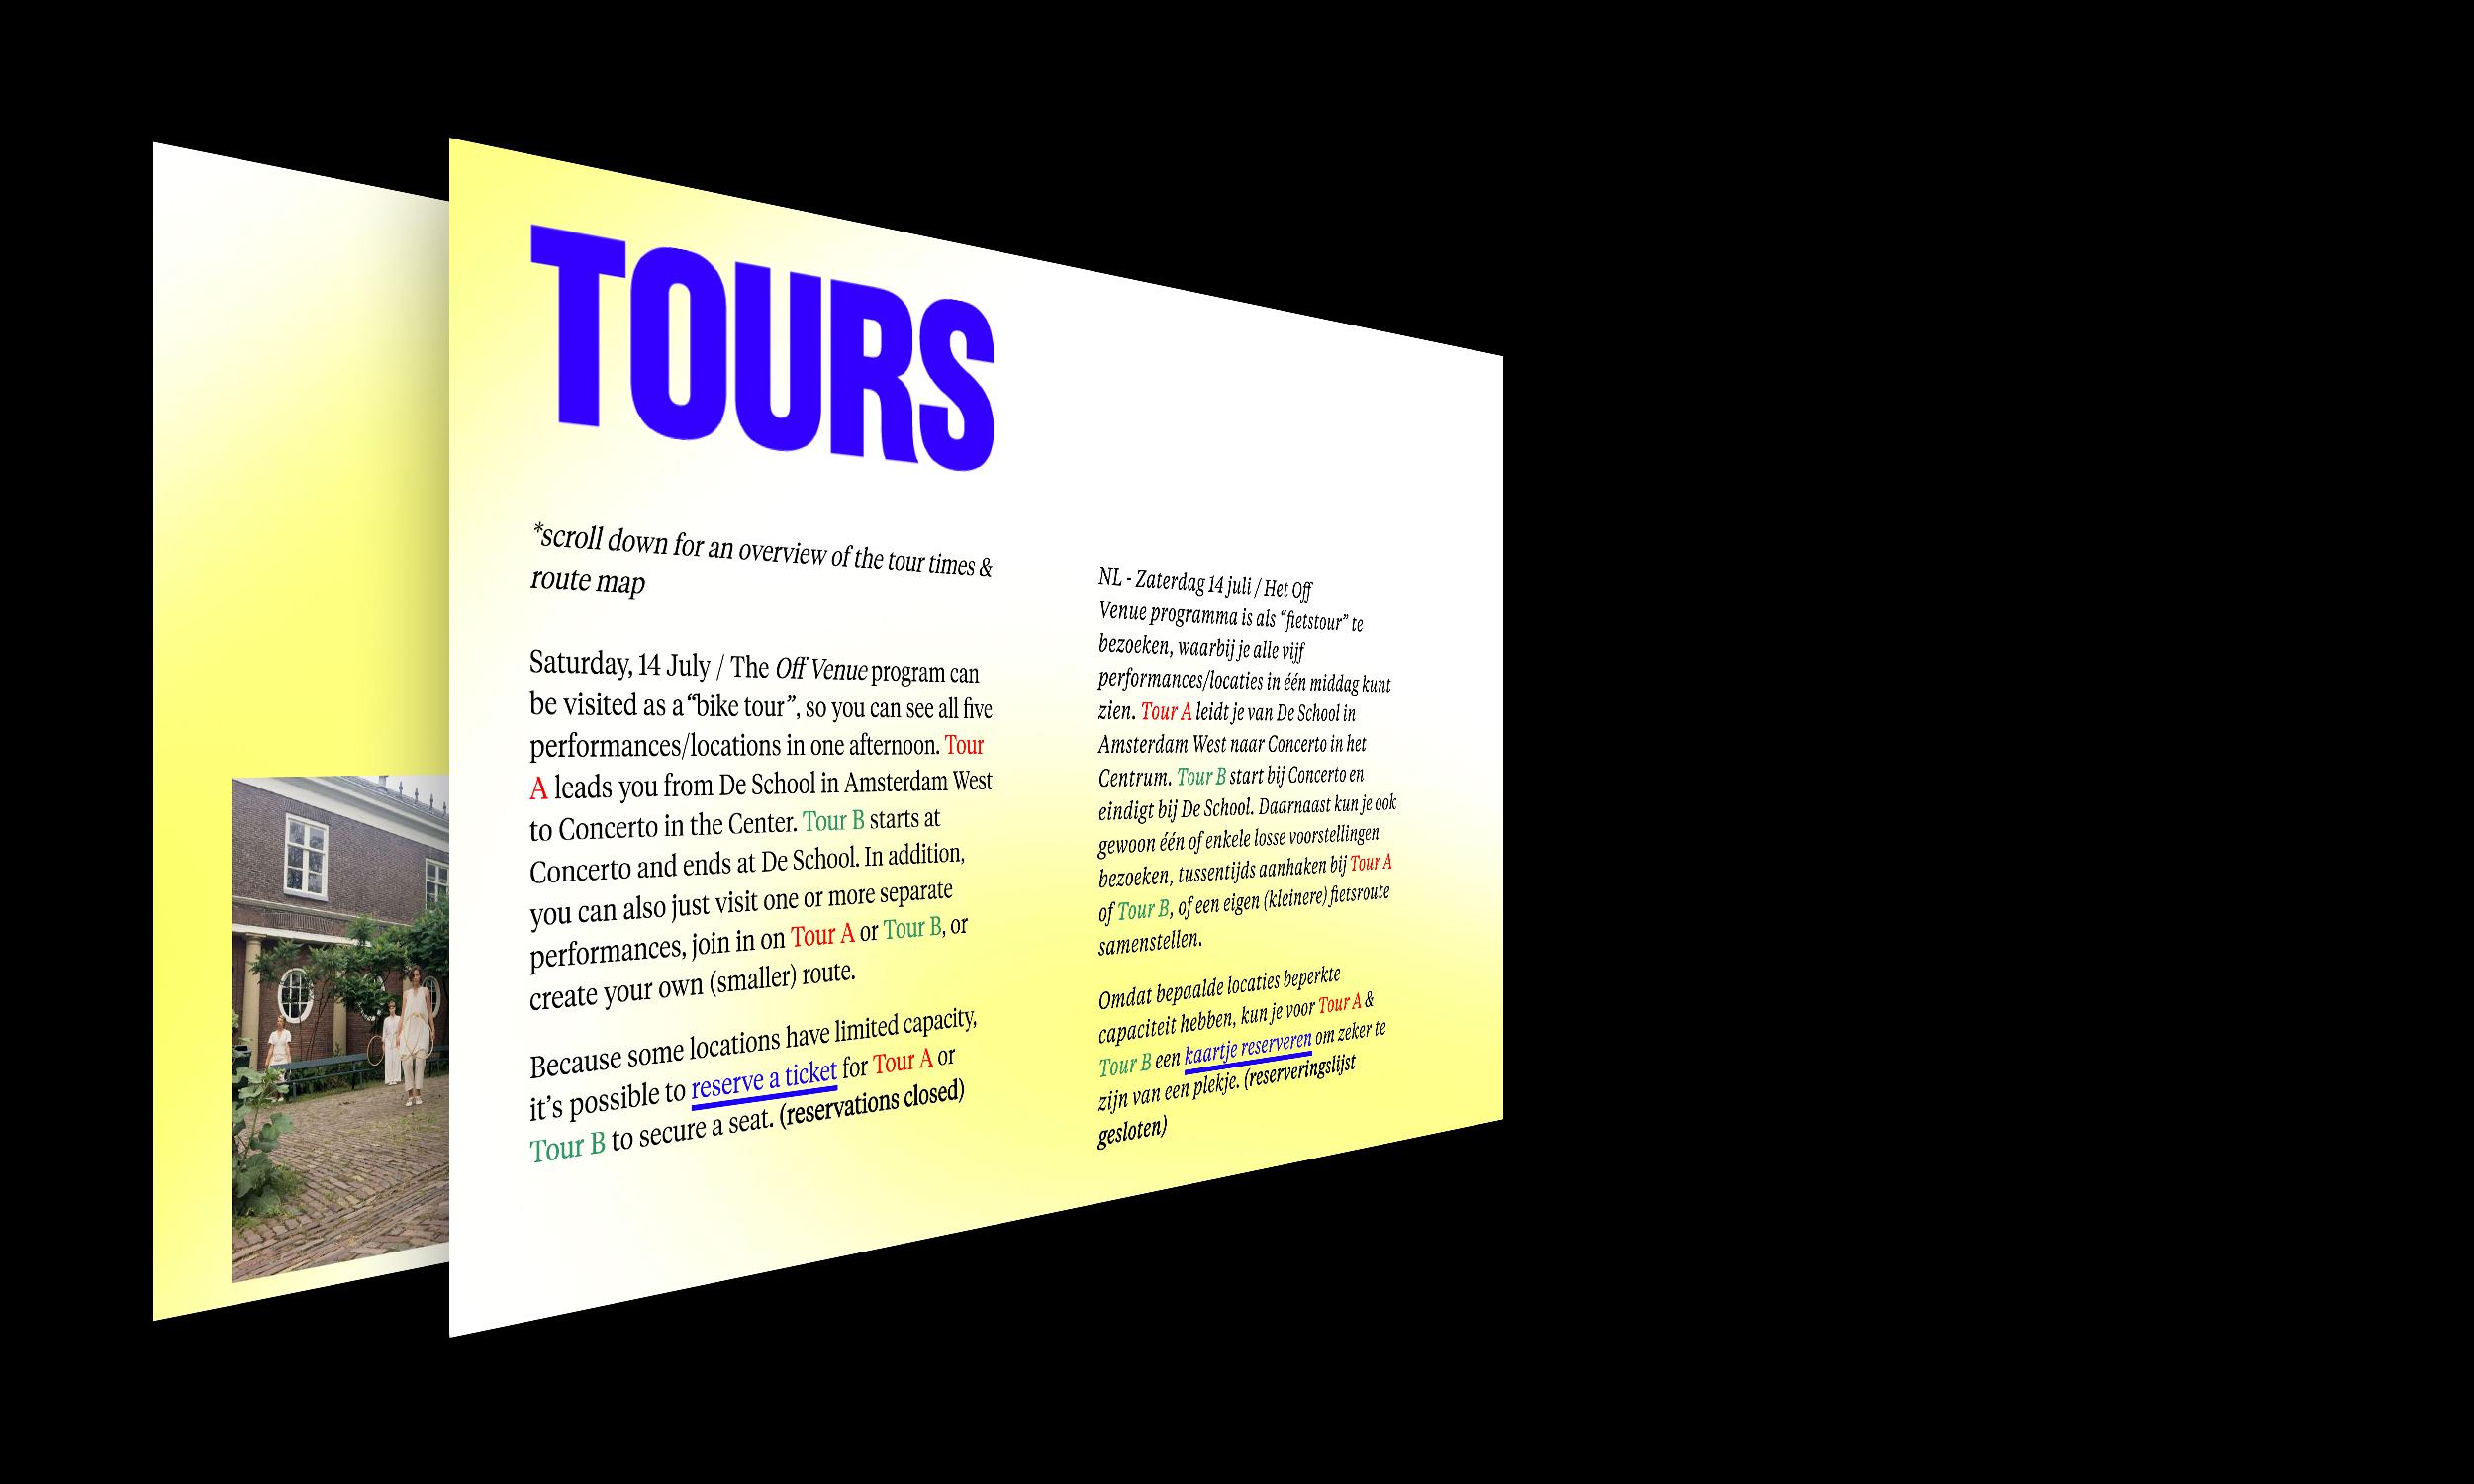 offvenue-website-screens-2.jpg